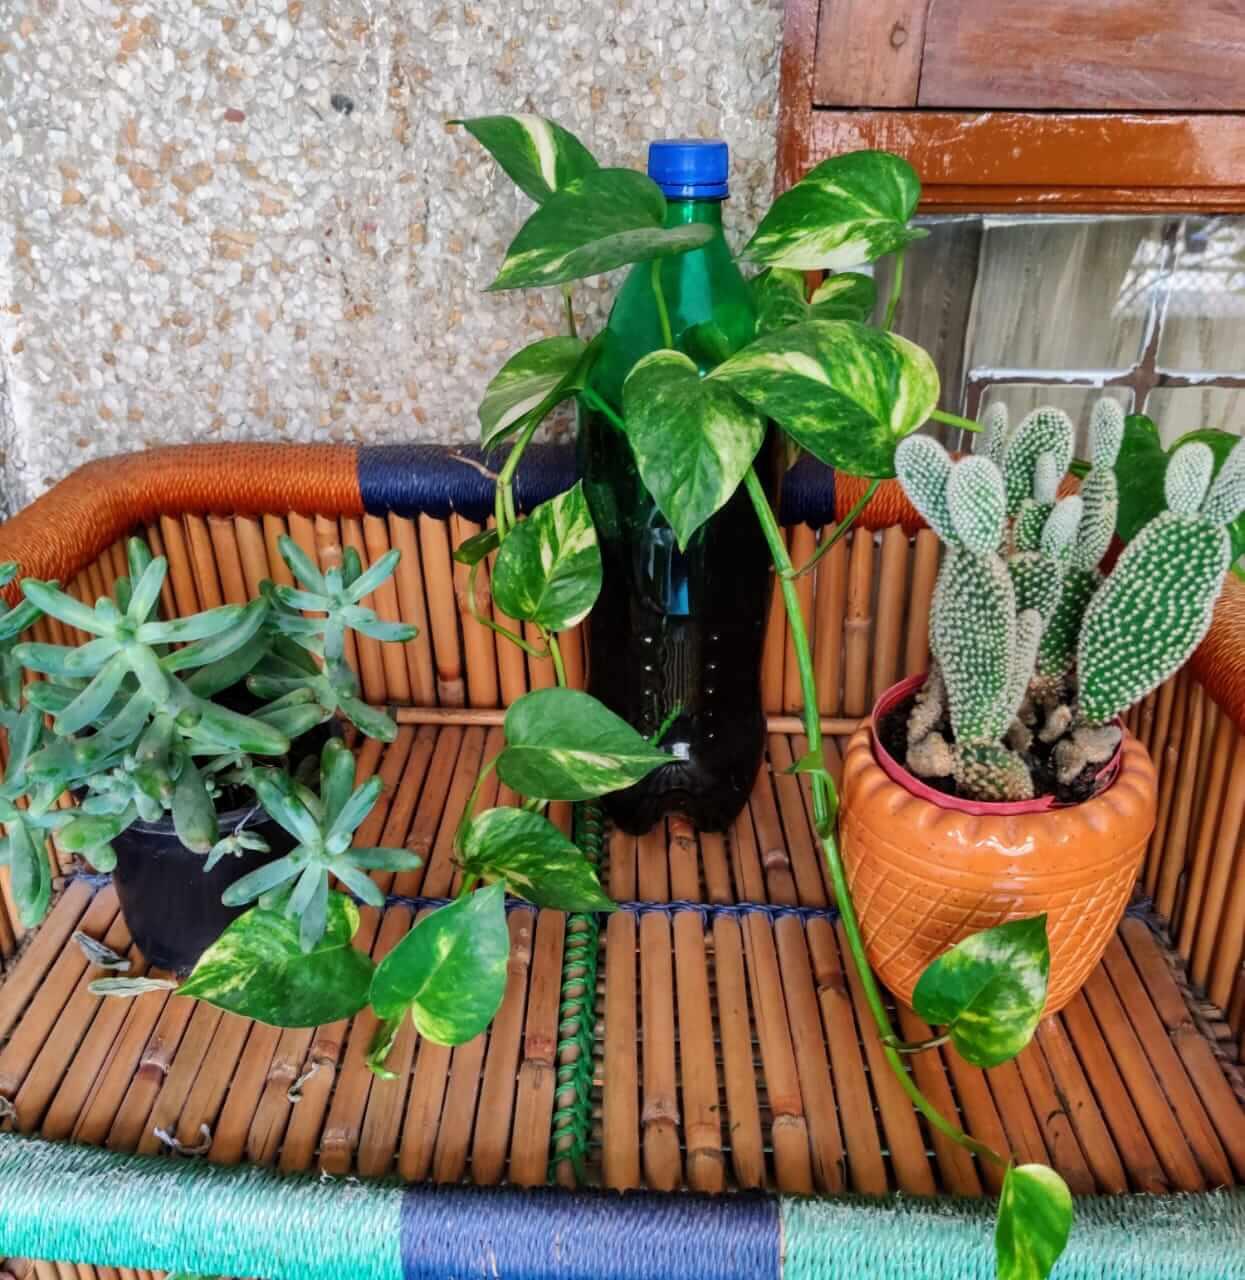 Balcony Garden - DIY planters